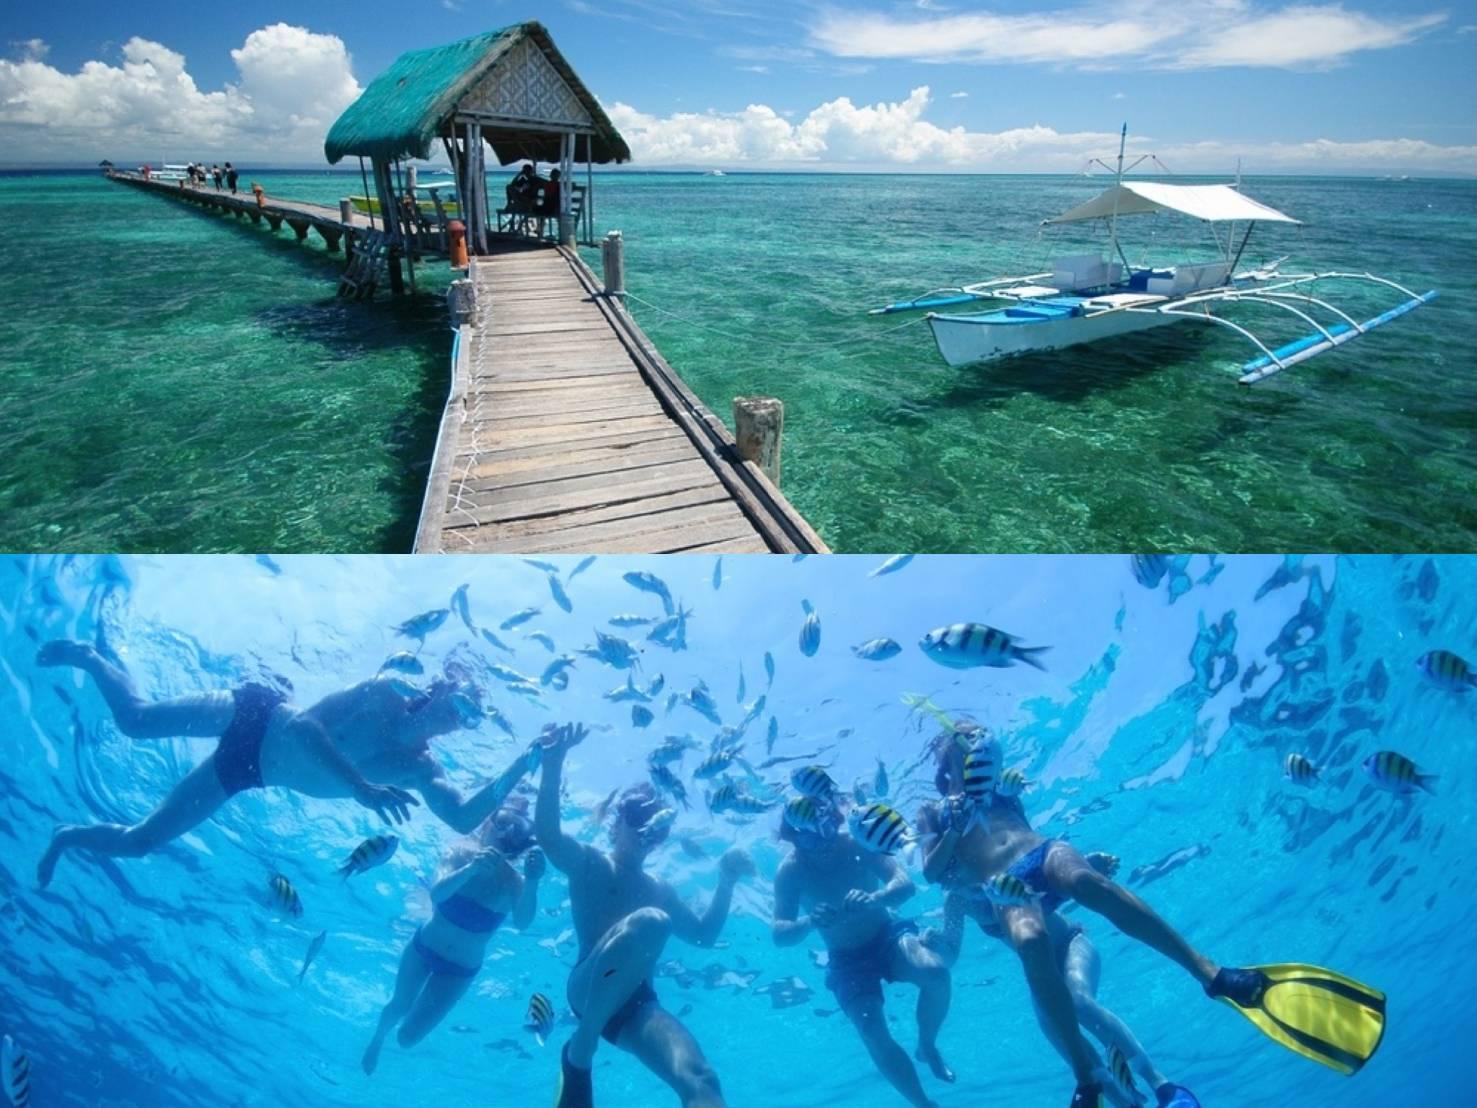 【アイランドホッピング】絶景ナルスアン島&ヒルトゥガン島の2島巡り!海洋保護区シュノーケリング